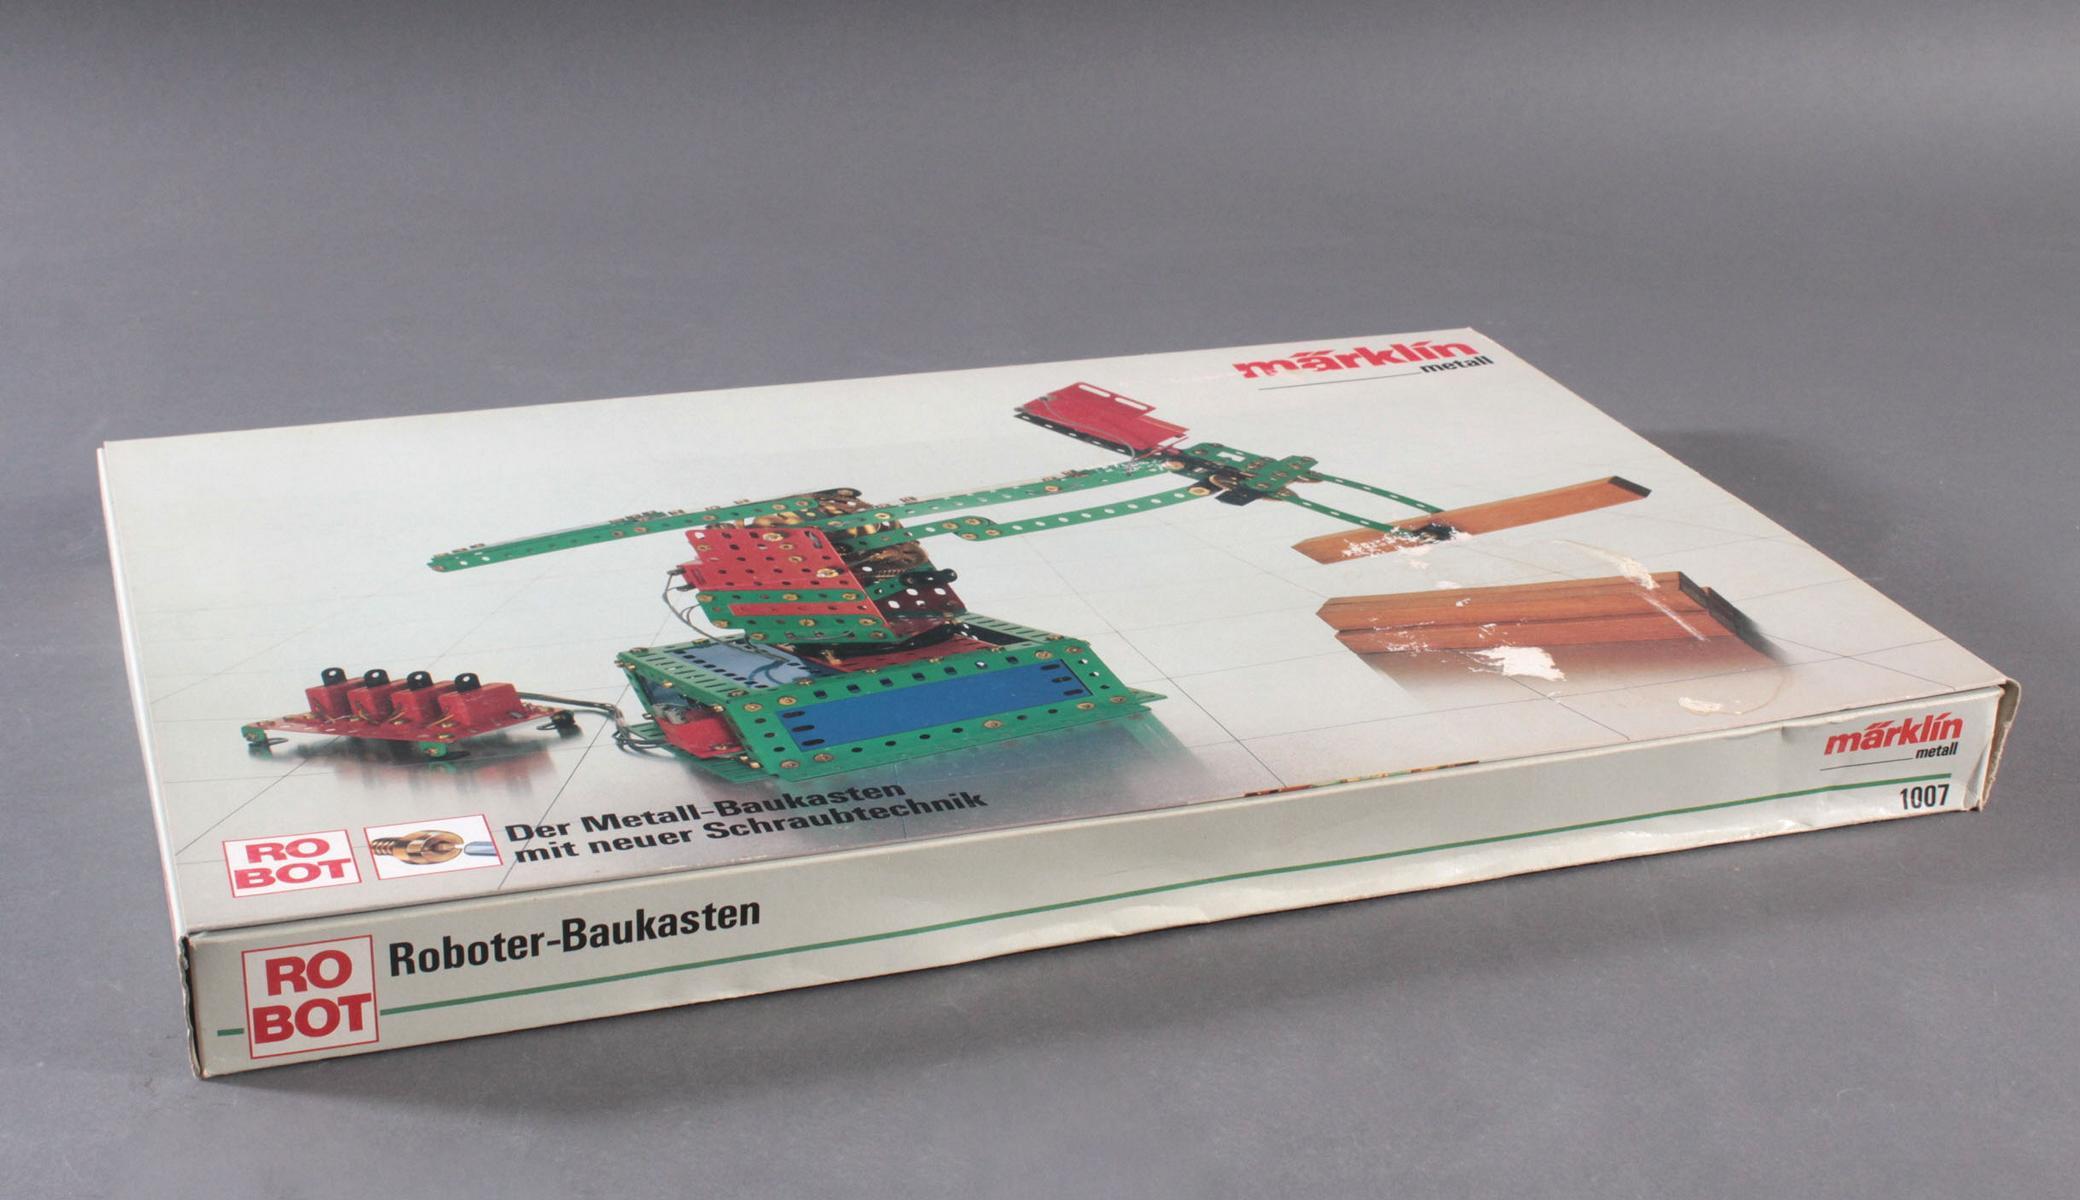 Märklin Roboter Baukasten 1007-3